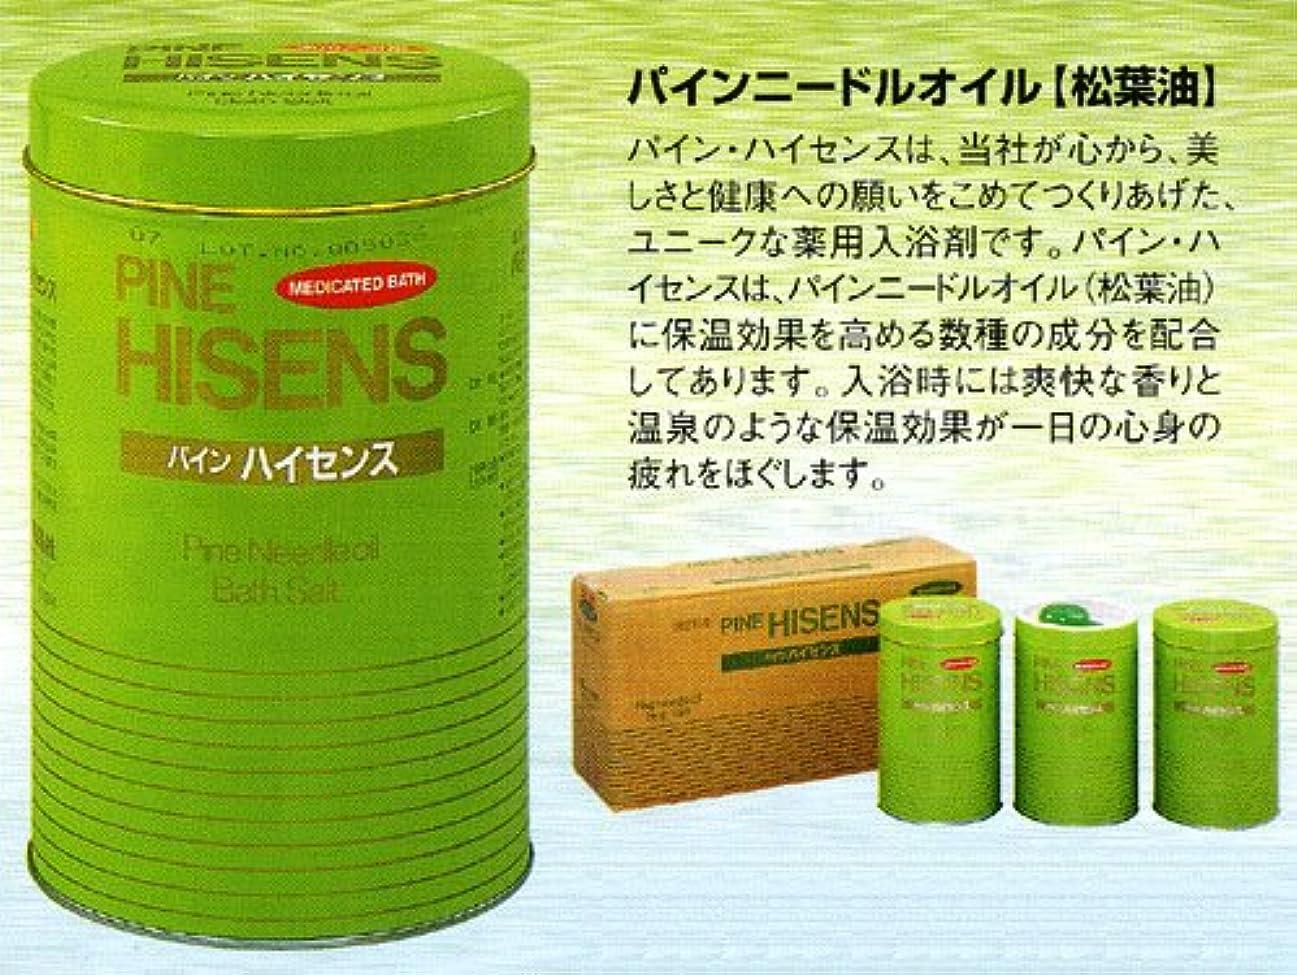 オートマトンマインド検査官高陽社 薬用入浴剤 パインハイセンス 2.1kg 3缶セット